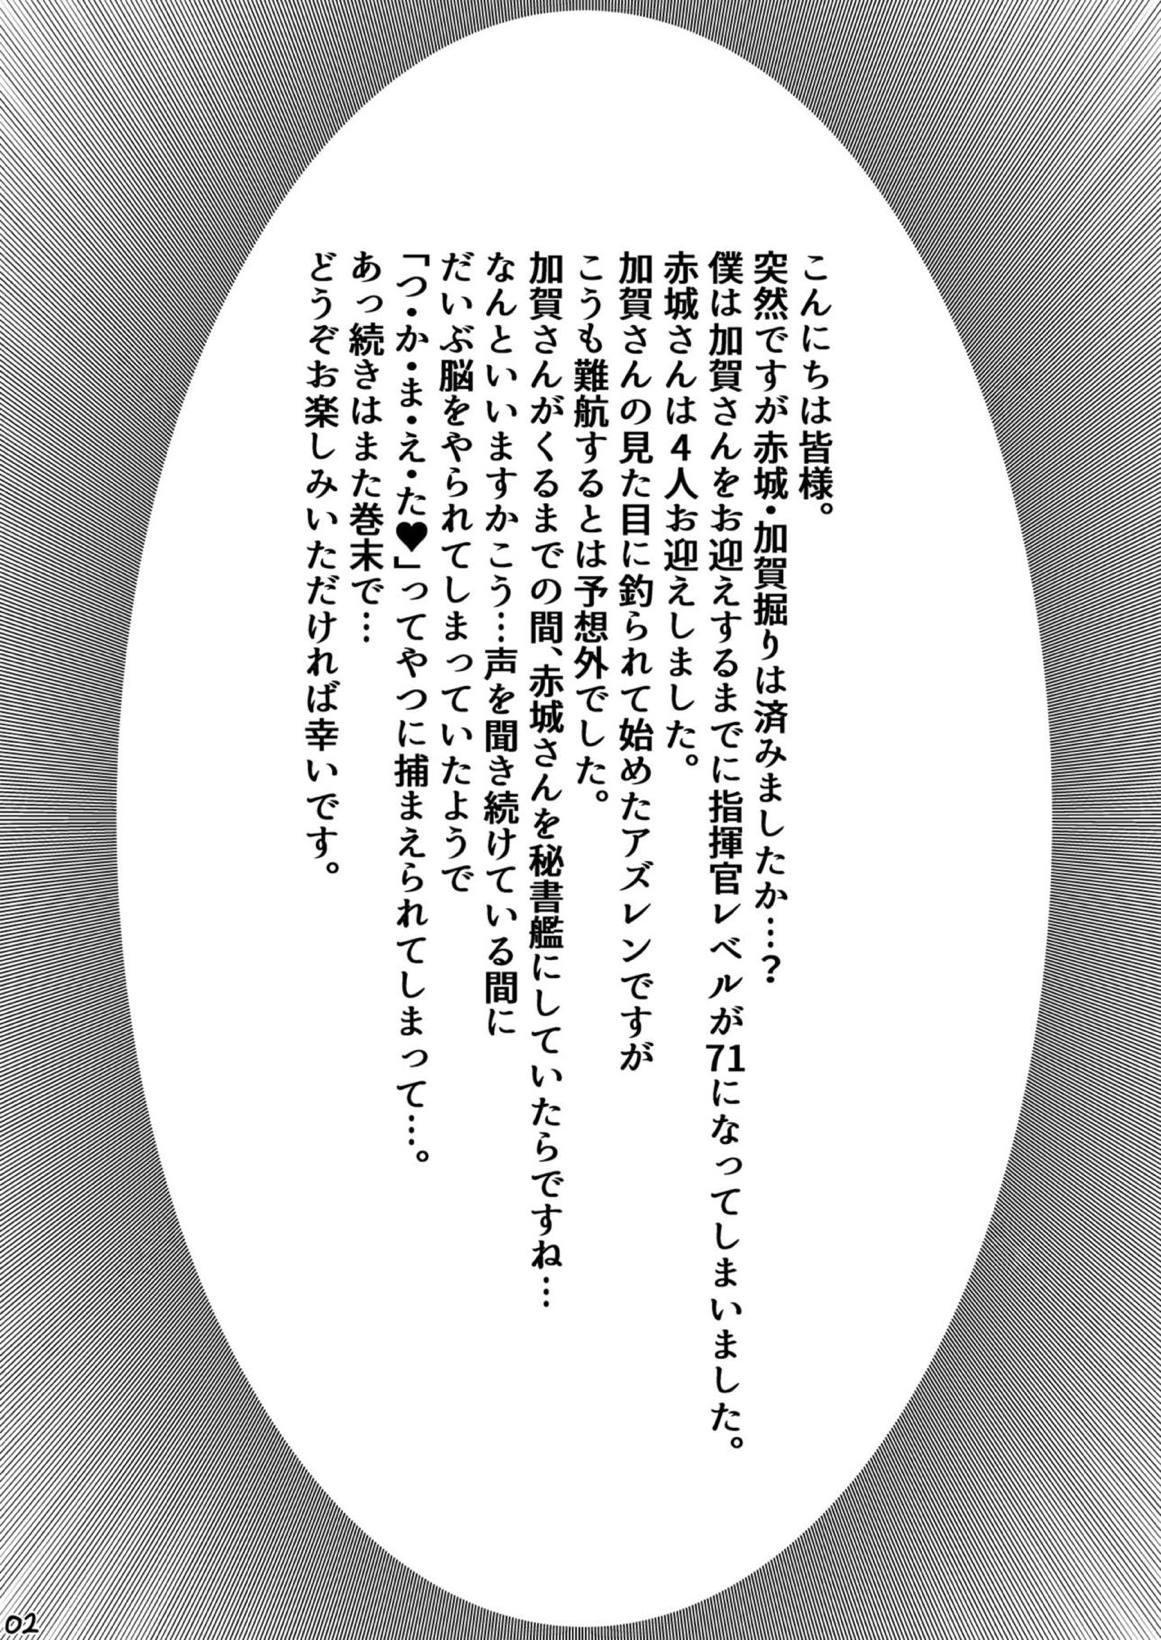 Mofumofu Ikkousen Sand 2